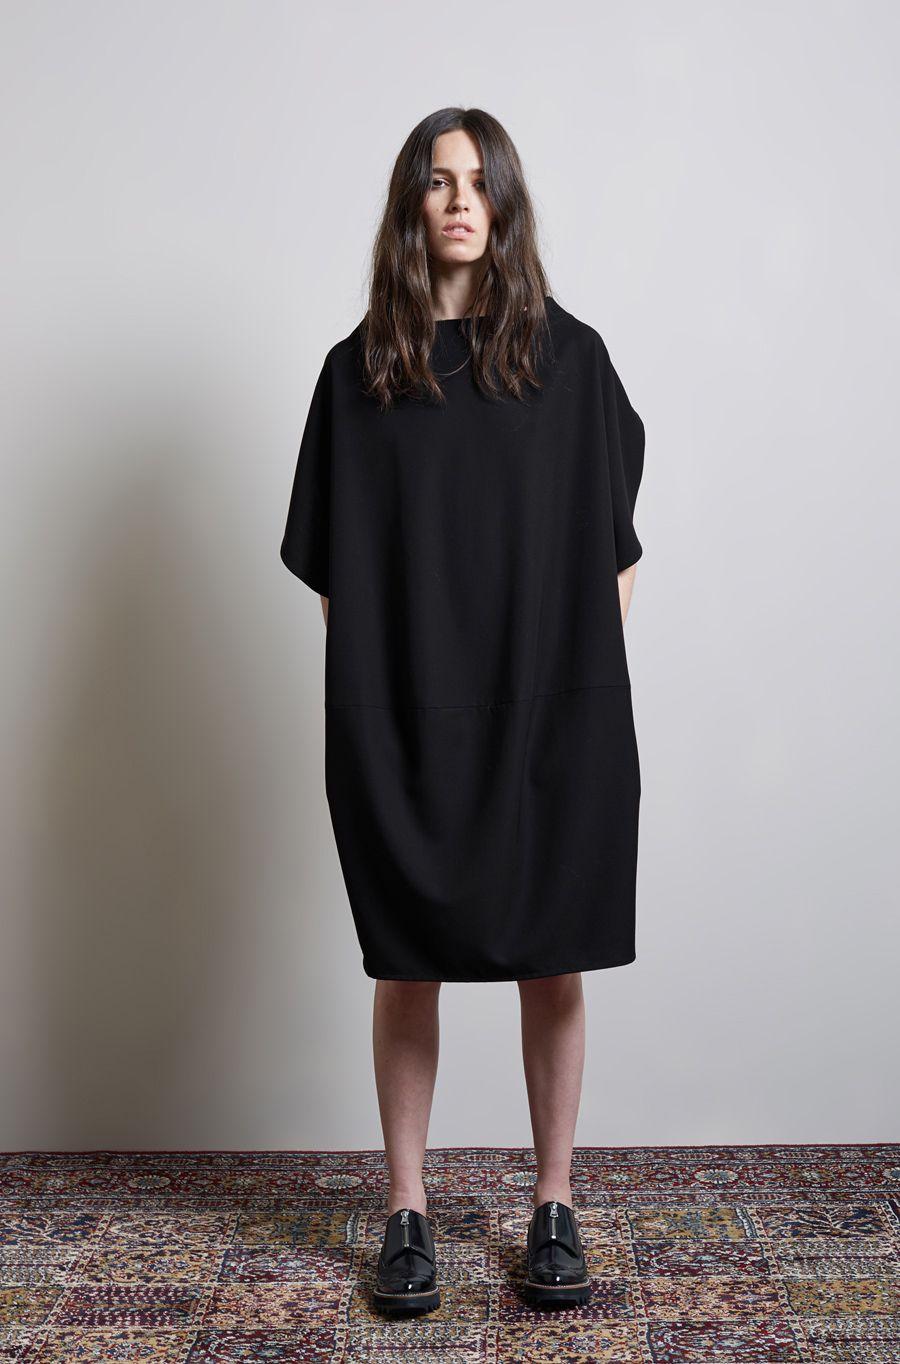 die besten 25 weite kleider ideen auf pinterest leinenkleider leinen tunika und leinenjacken. Black Bedroom Furniture Sets. Home Design Ideas